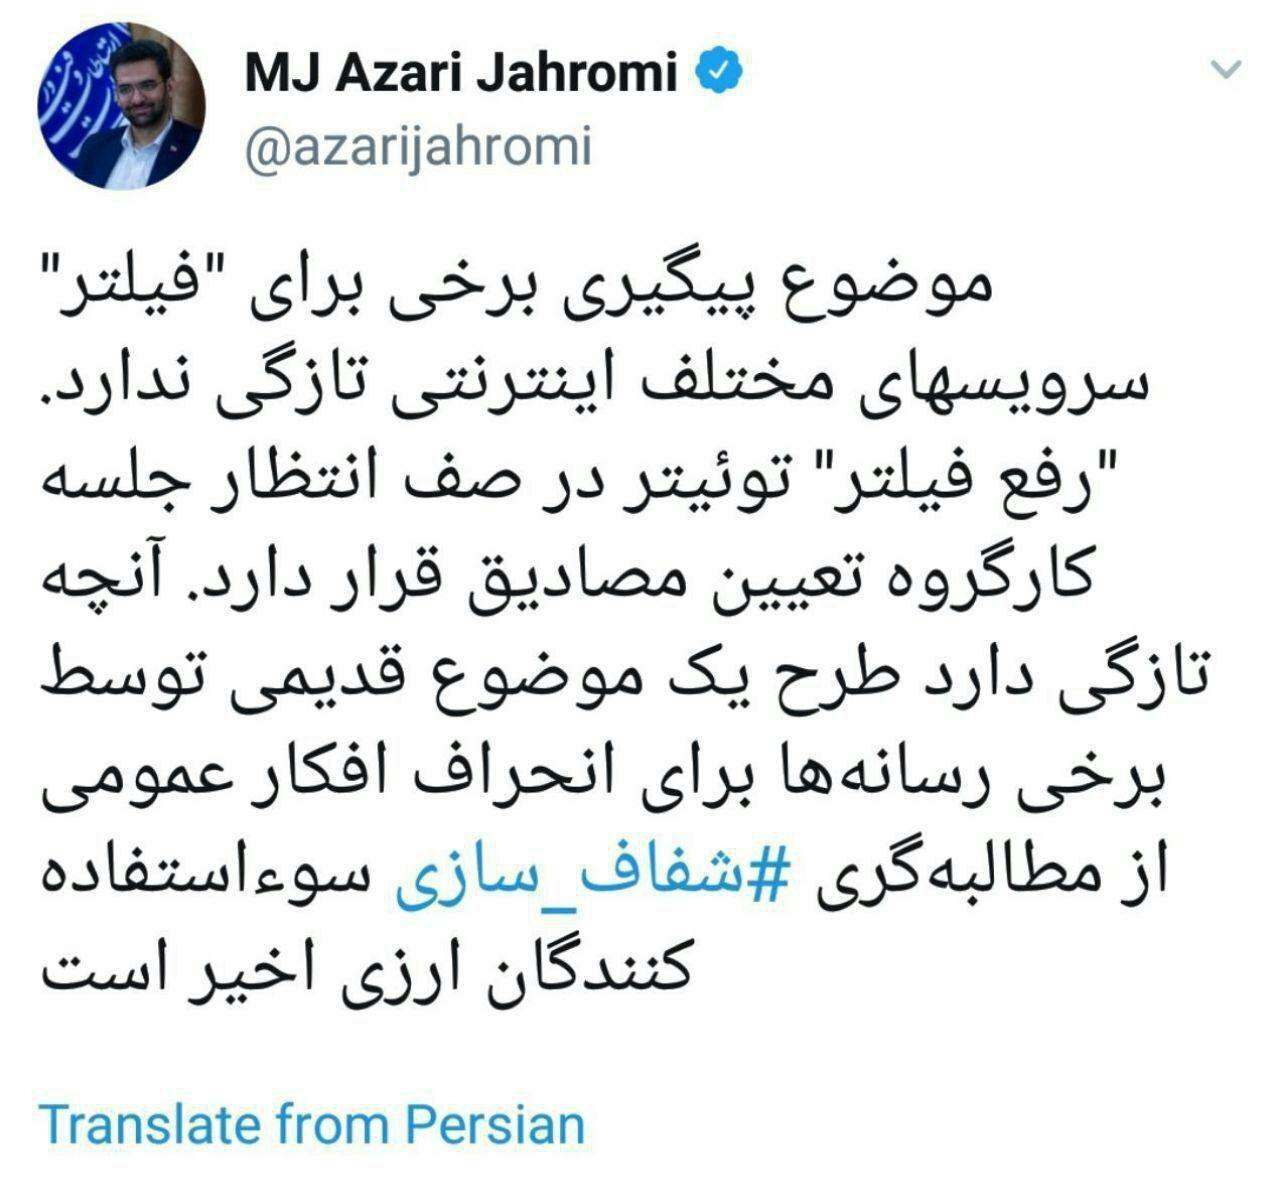 واکنش وزیر ارتباطات به برخی سخنان درباره فیلتر اینستاگرام